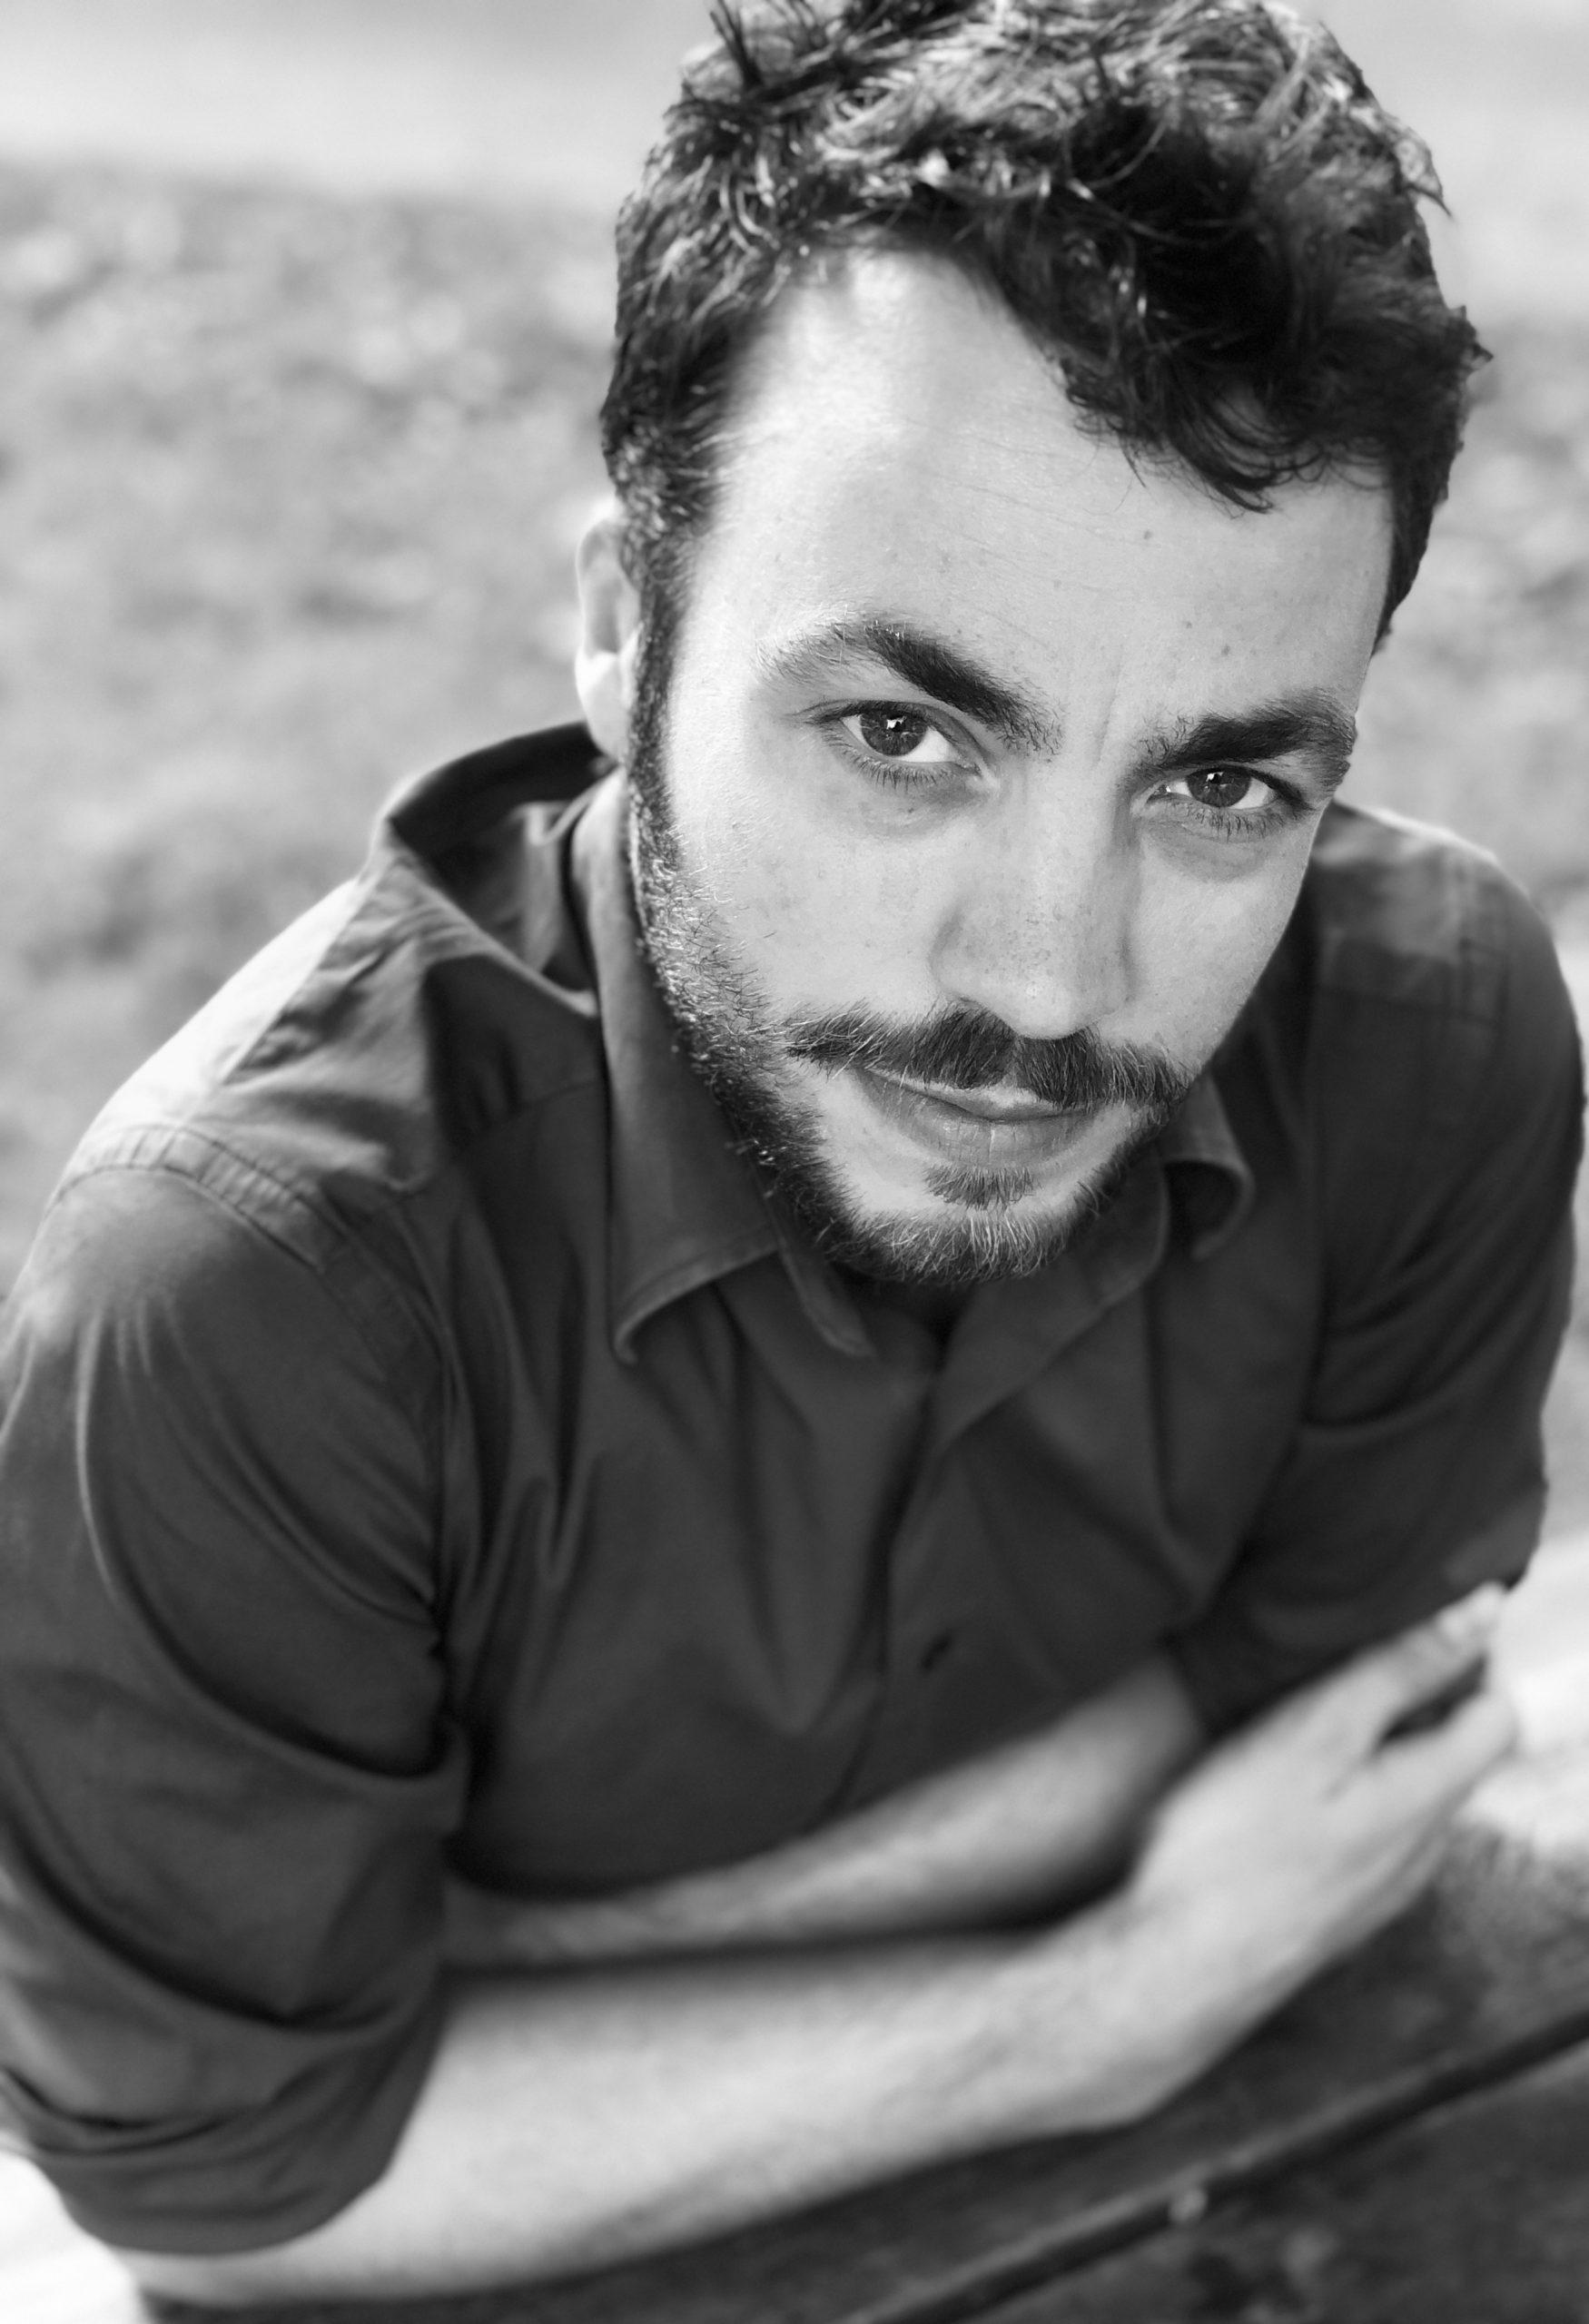 Ruben Jacobs